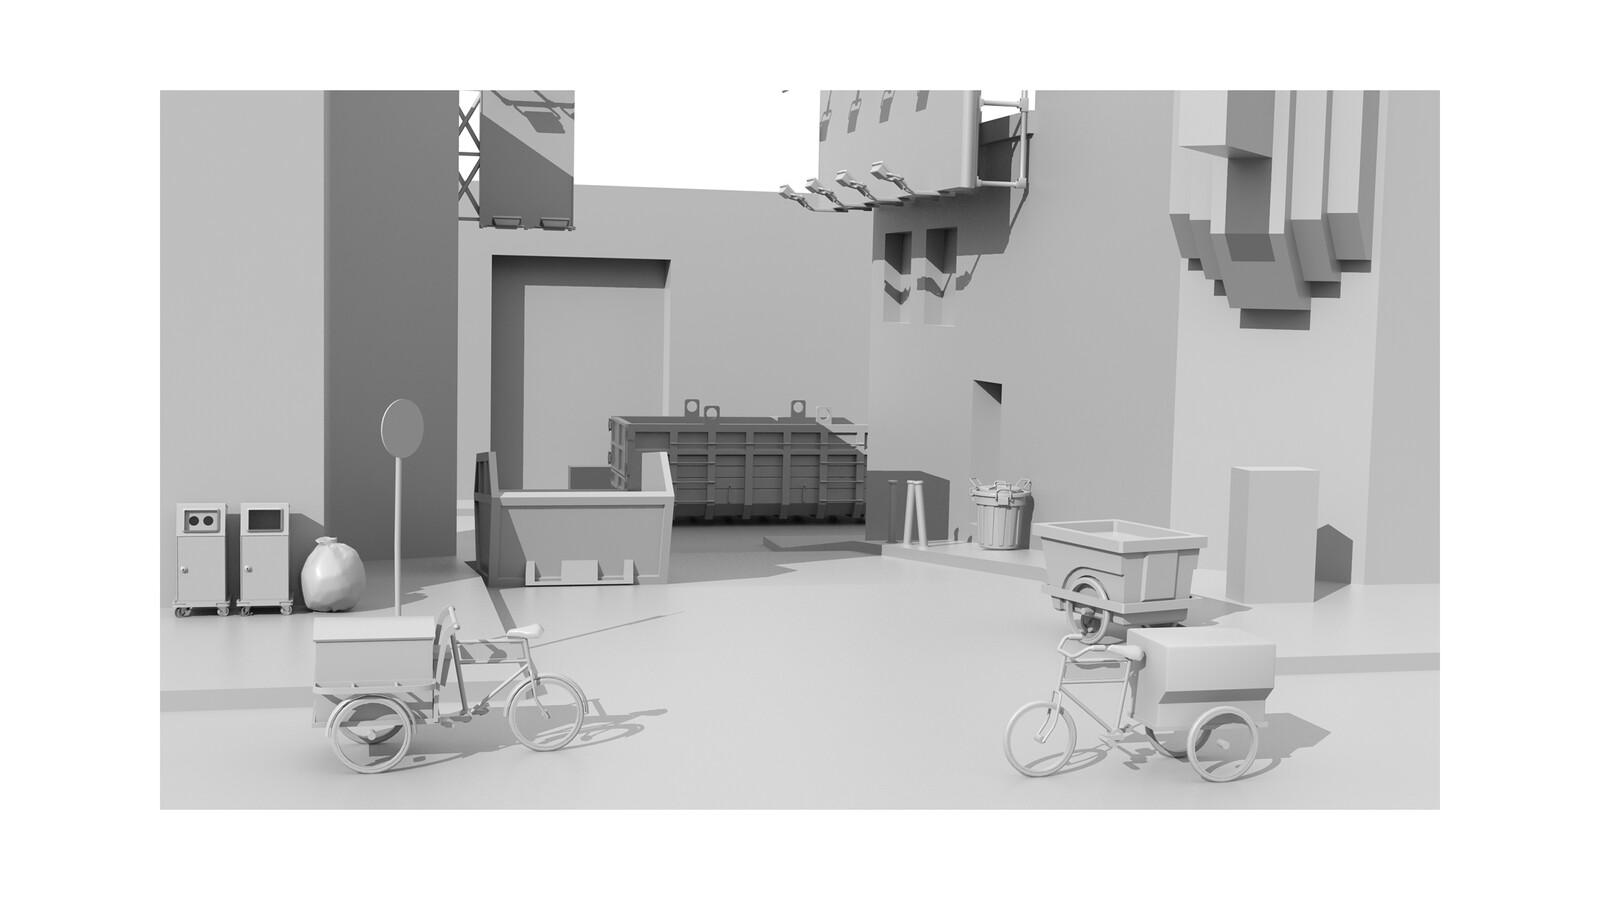 Urban Alley